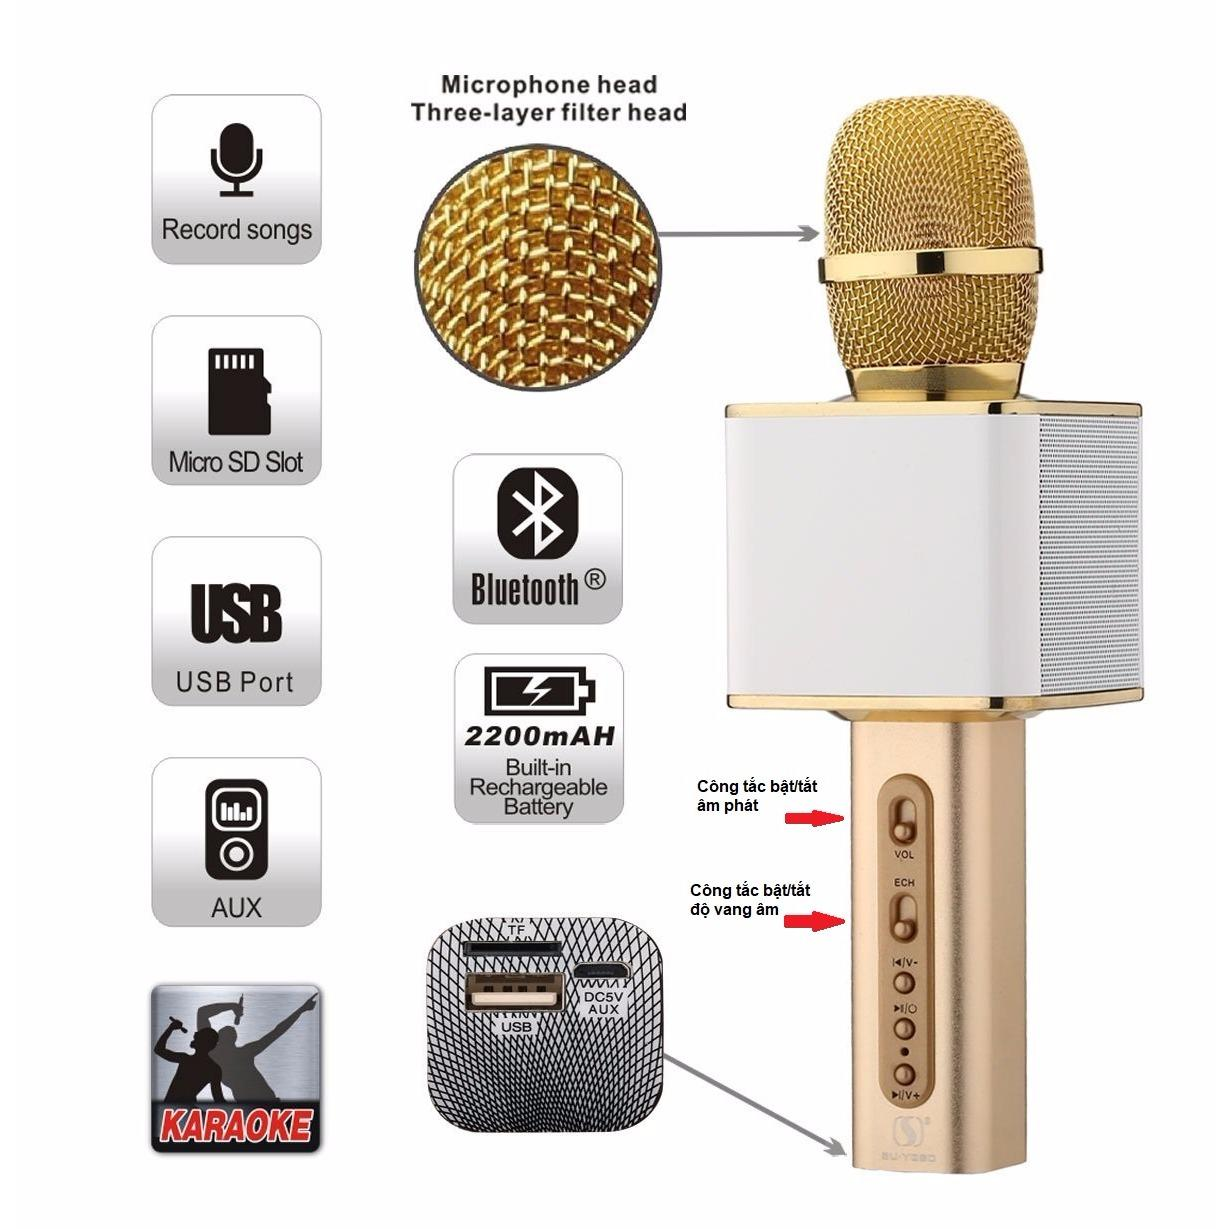 Ôn Tập Trên Micro Hat Karaoke Sd 08 Mic Hat Karaoke Kiem Loa Bluetooth